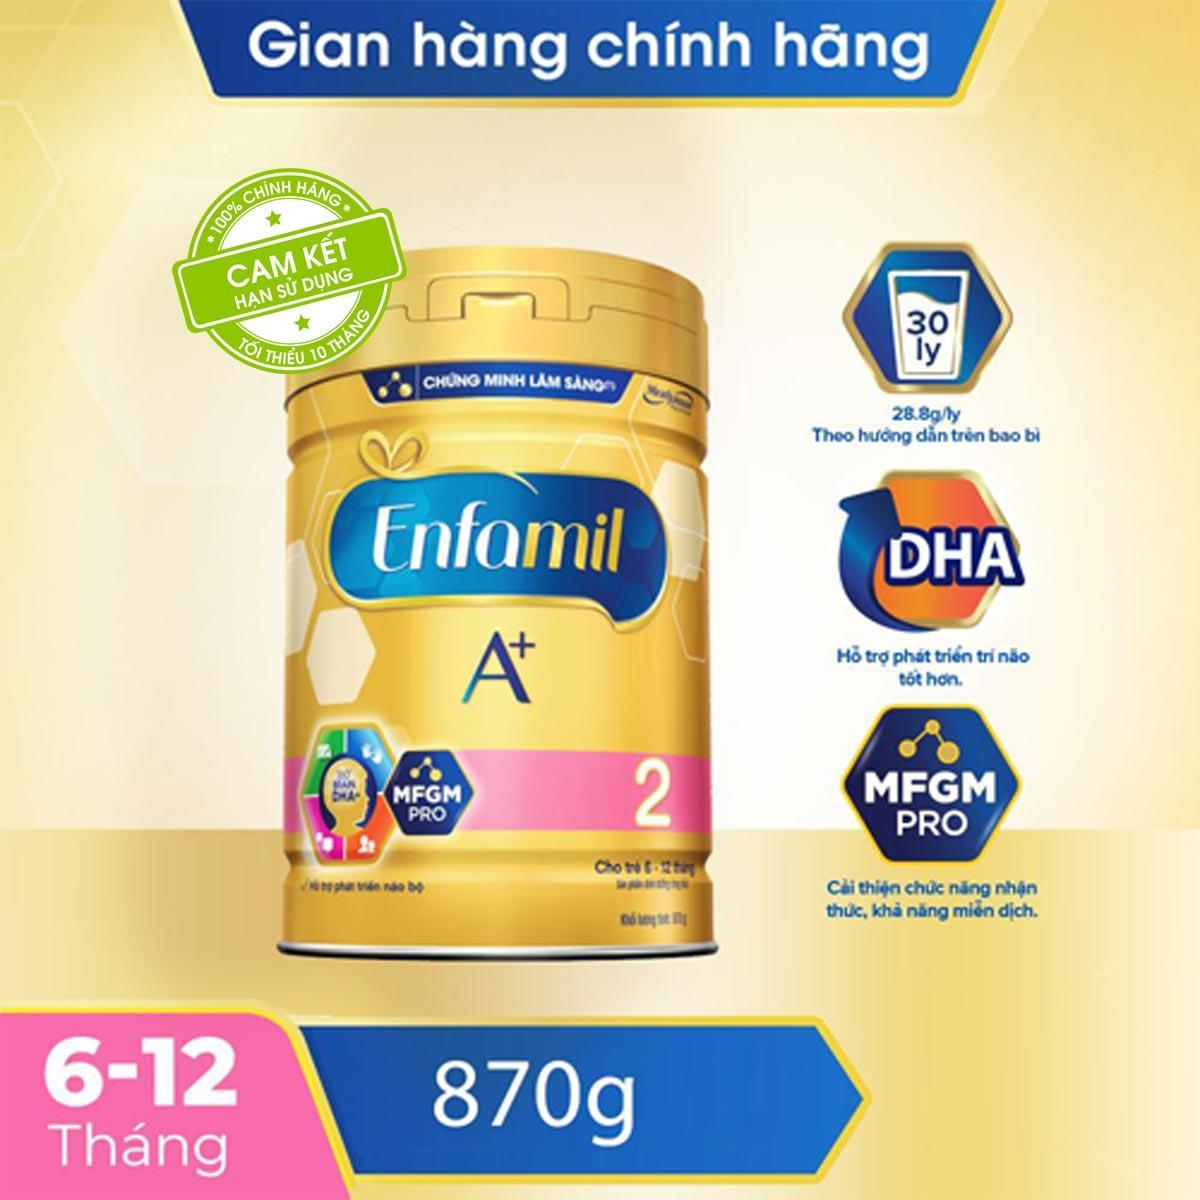 Sữa Bột Enfamil A+ 2 Cho Trẻ Từ 6-12 Tháng Tuổi (870g) - Cam Kết HSD Còn ít Nhất 10 Tháng Đang Hạ Giá tại Lazada